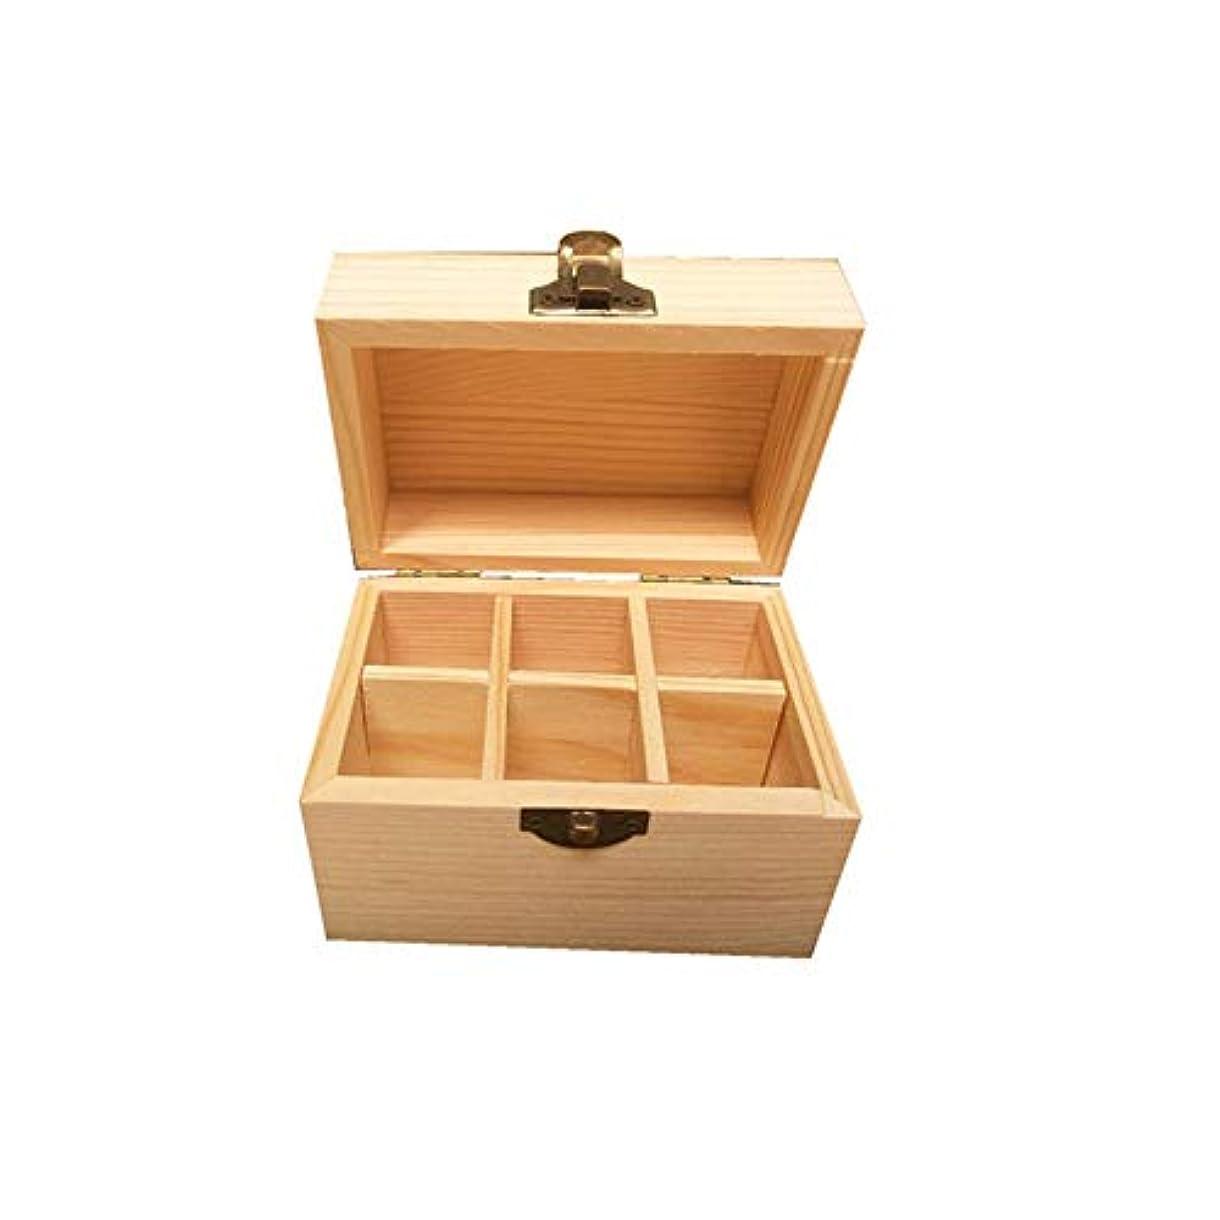 平手打ちドール極小6つのボトル木製エッセンシャルオイルストレージボックスパーフェクトエッセンシャルオイルケース アロマセラピー製品 (色 : Natural, サイズ : 12X8X8.5CM)